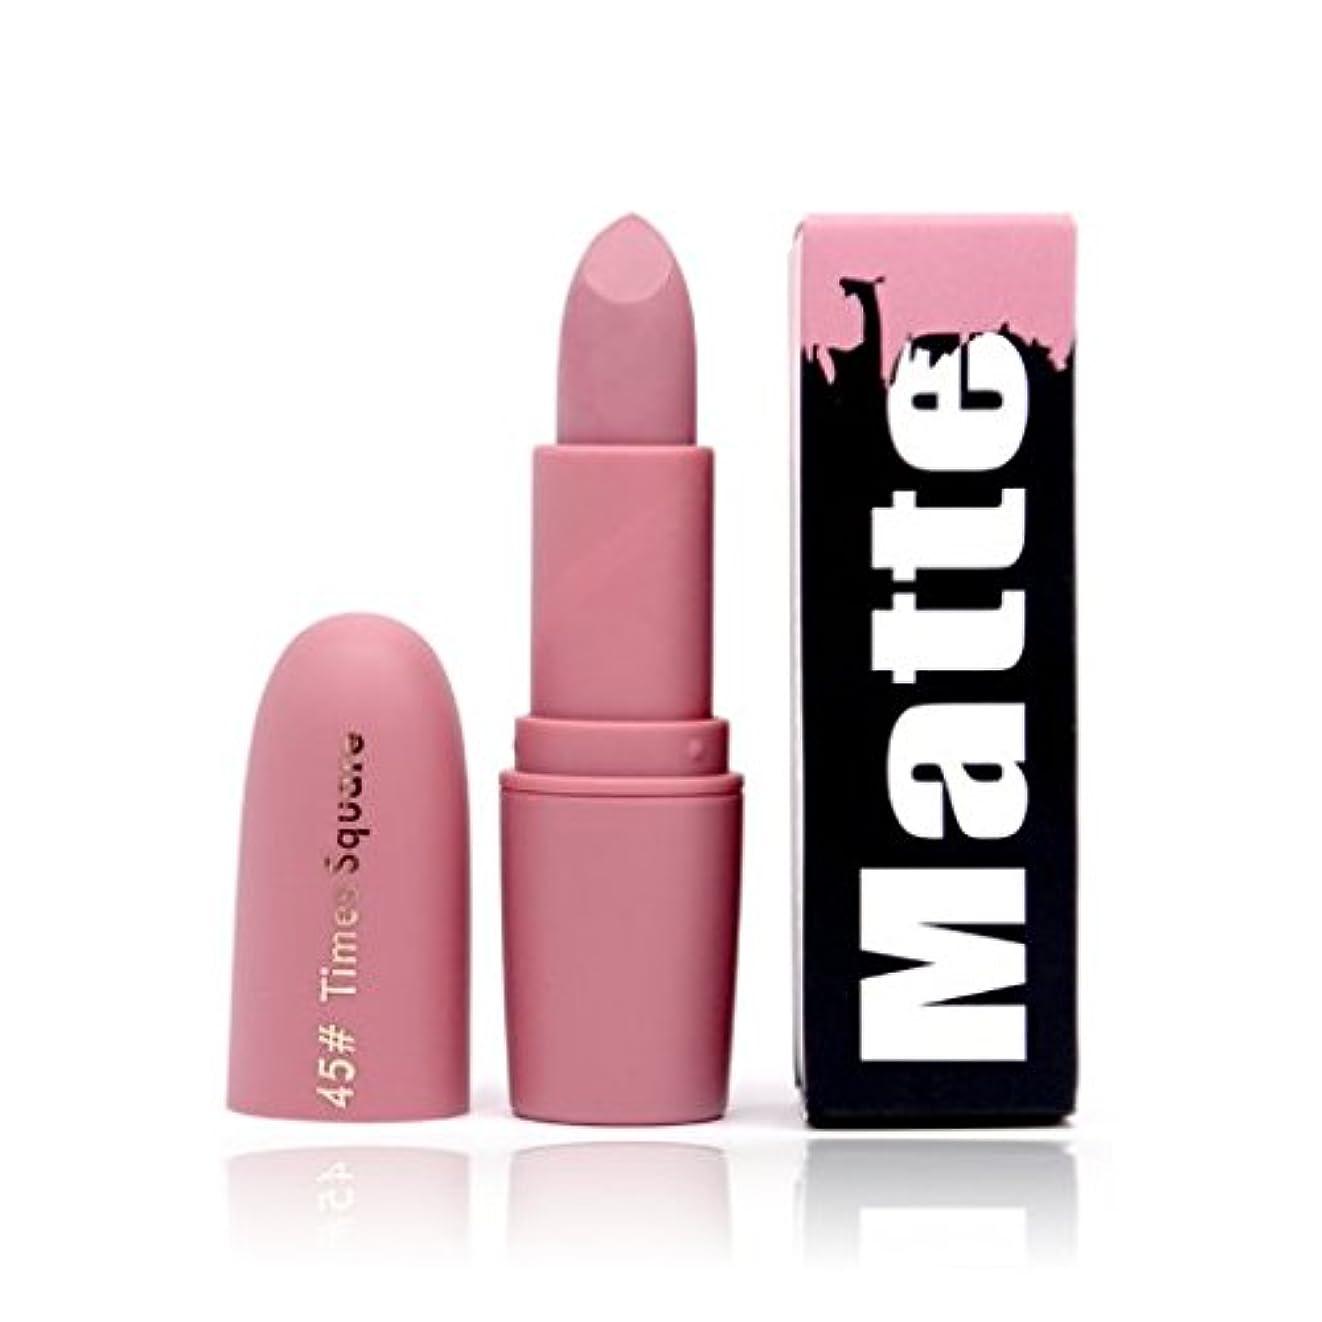 知恵めったにに付けるBeauty Matte Moisturizing Lipstick Makeup Lipsticks Lip Stick Waterproof Lipgloss Mate Lipsticks Cosmetic